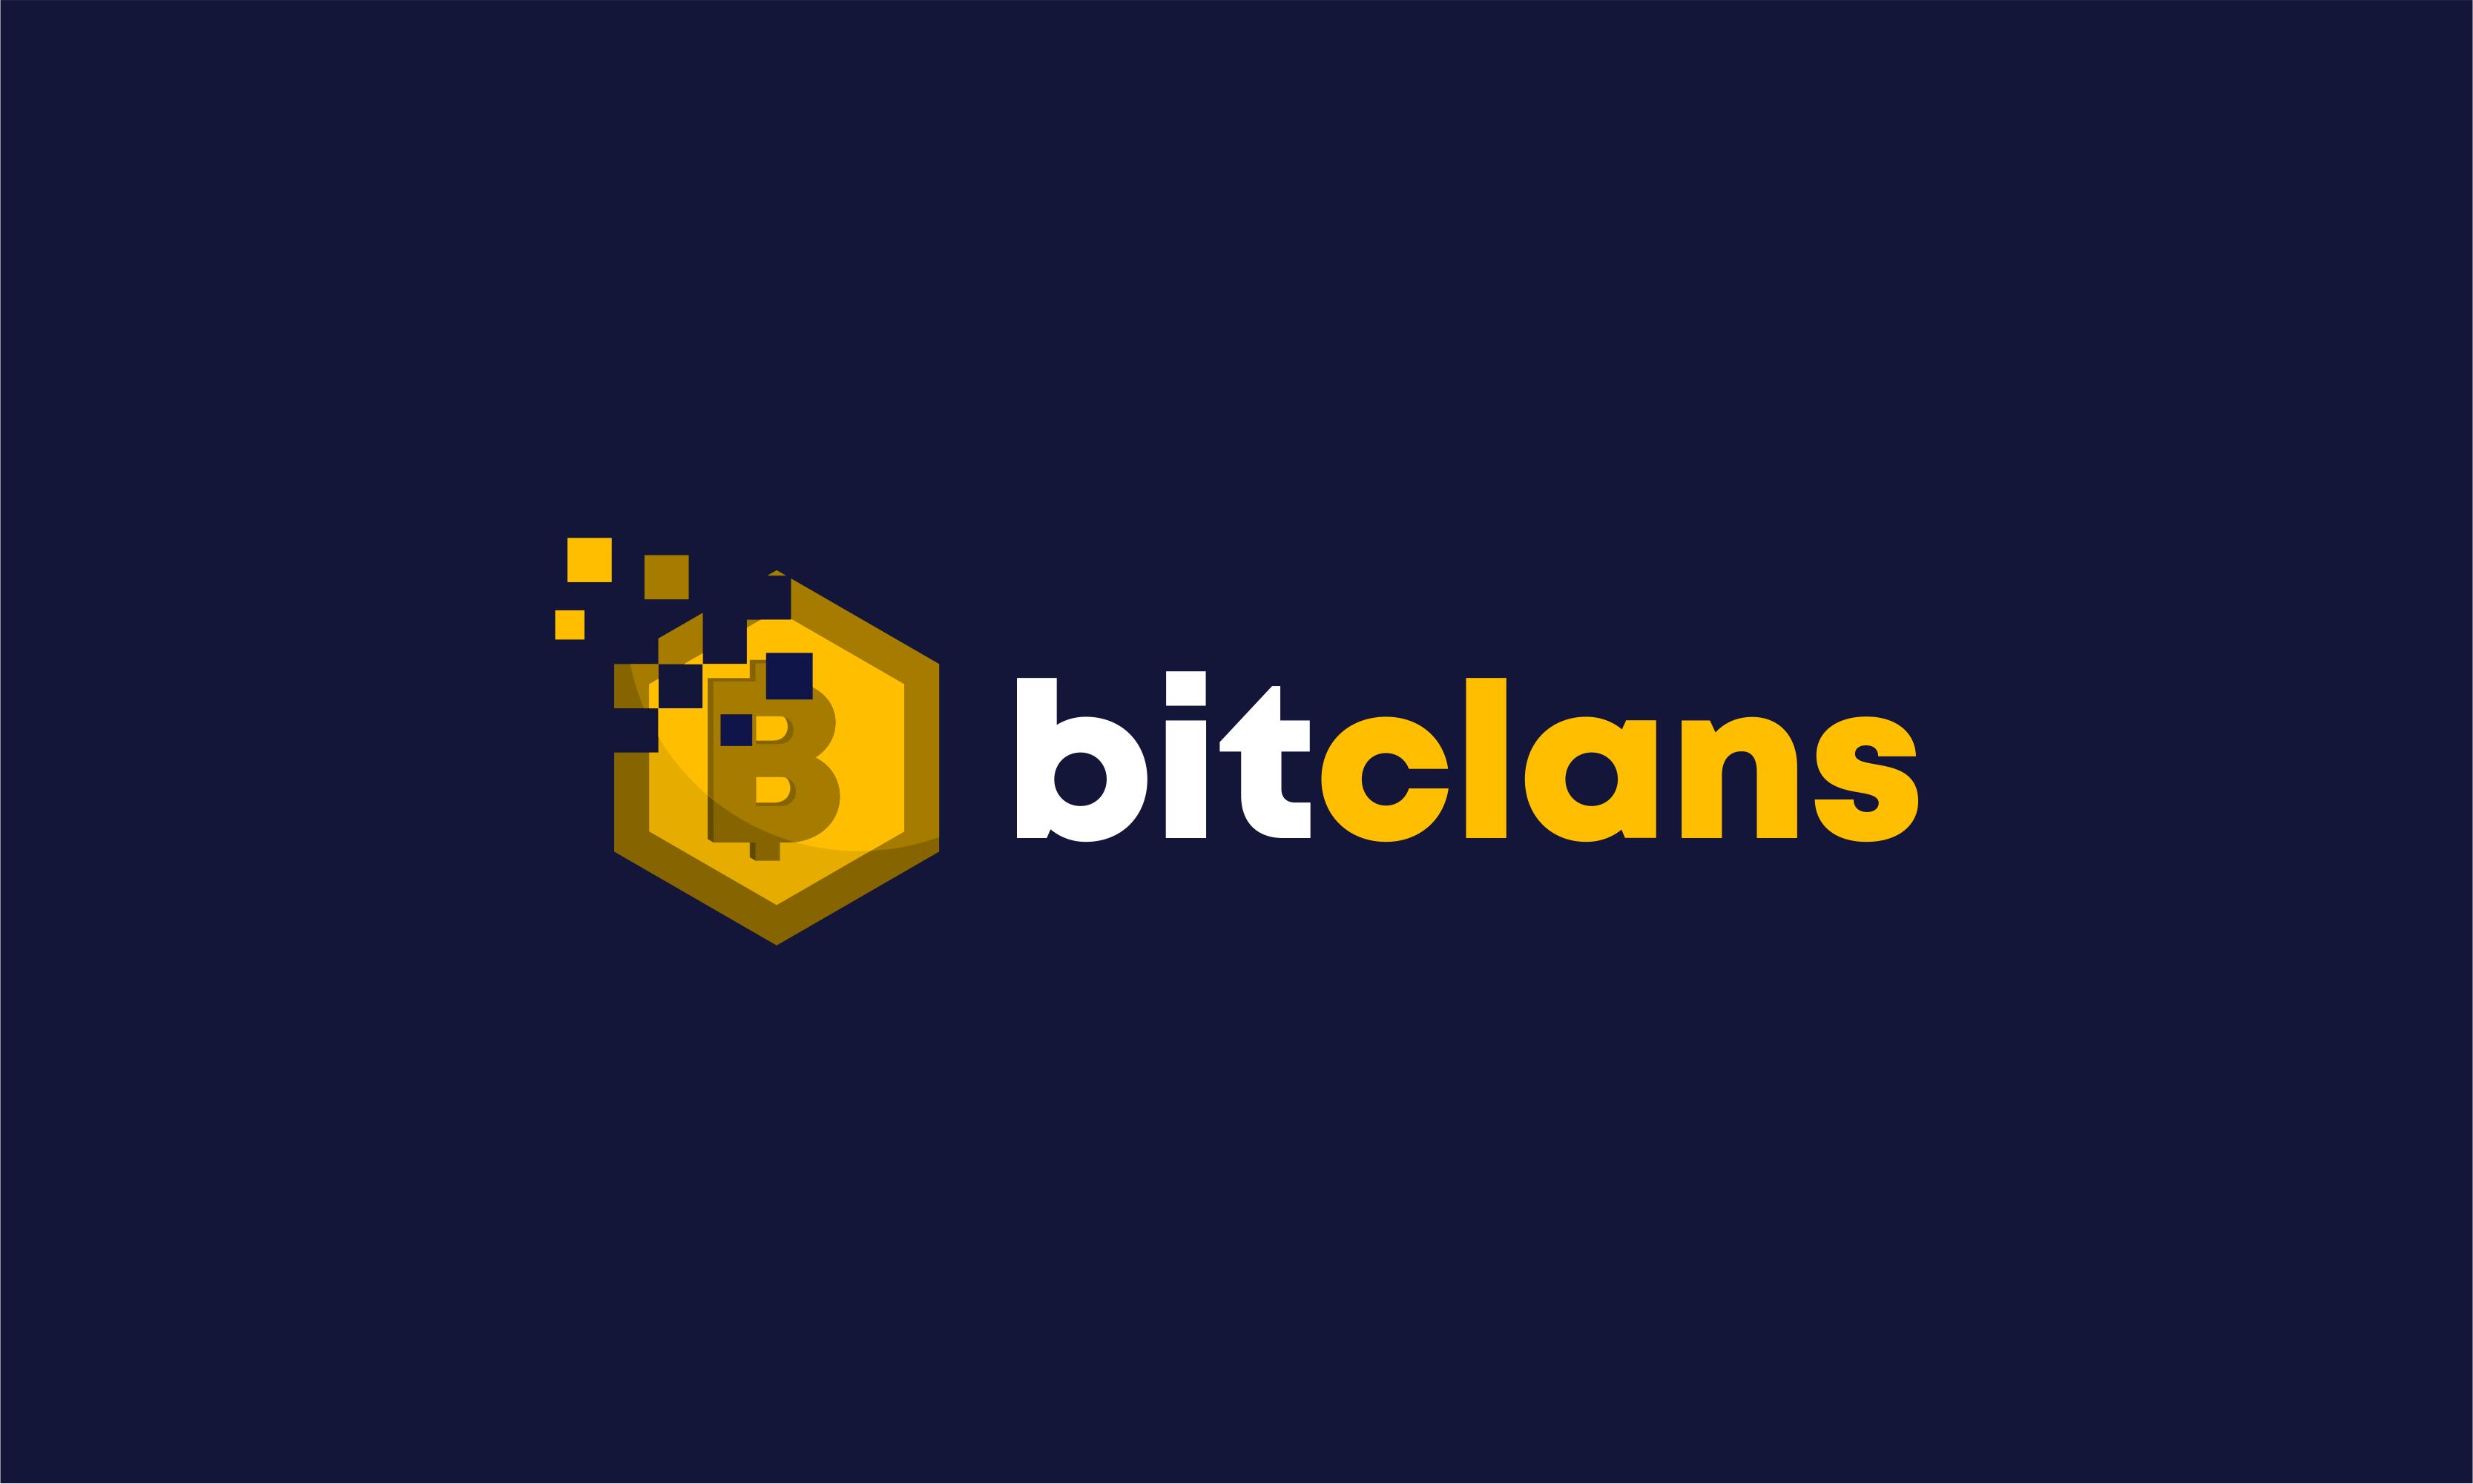 Bitclans